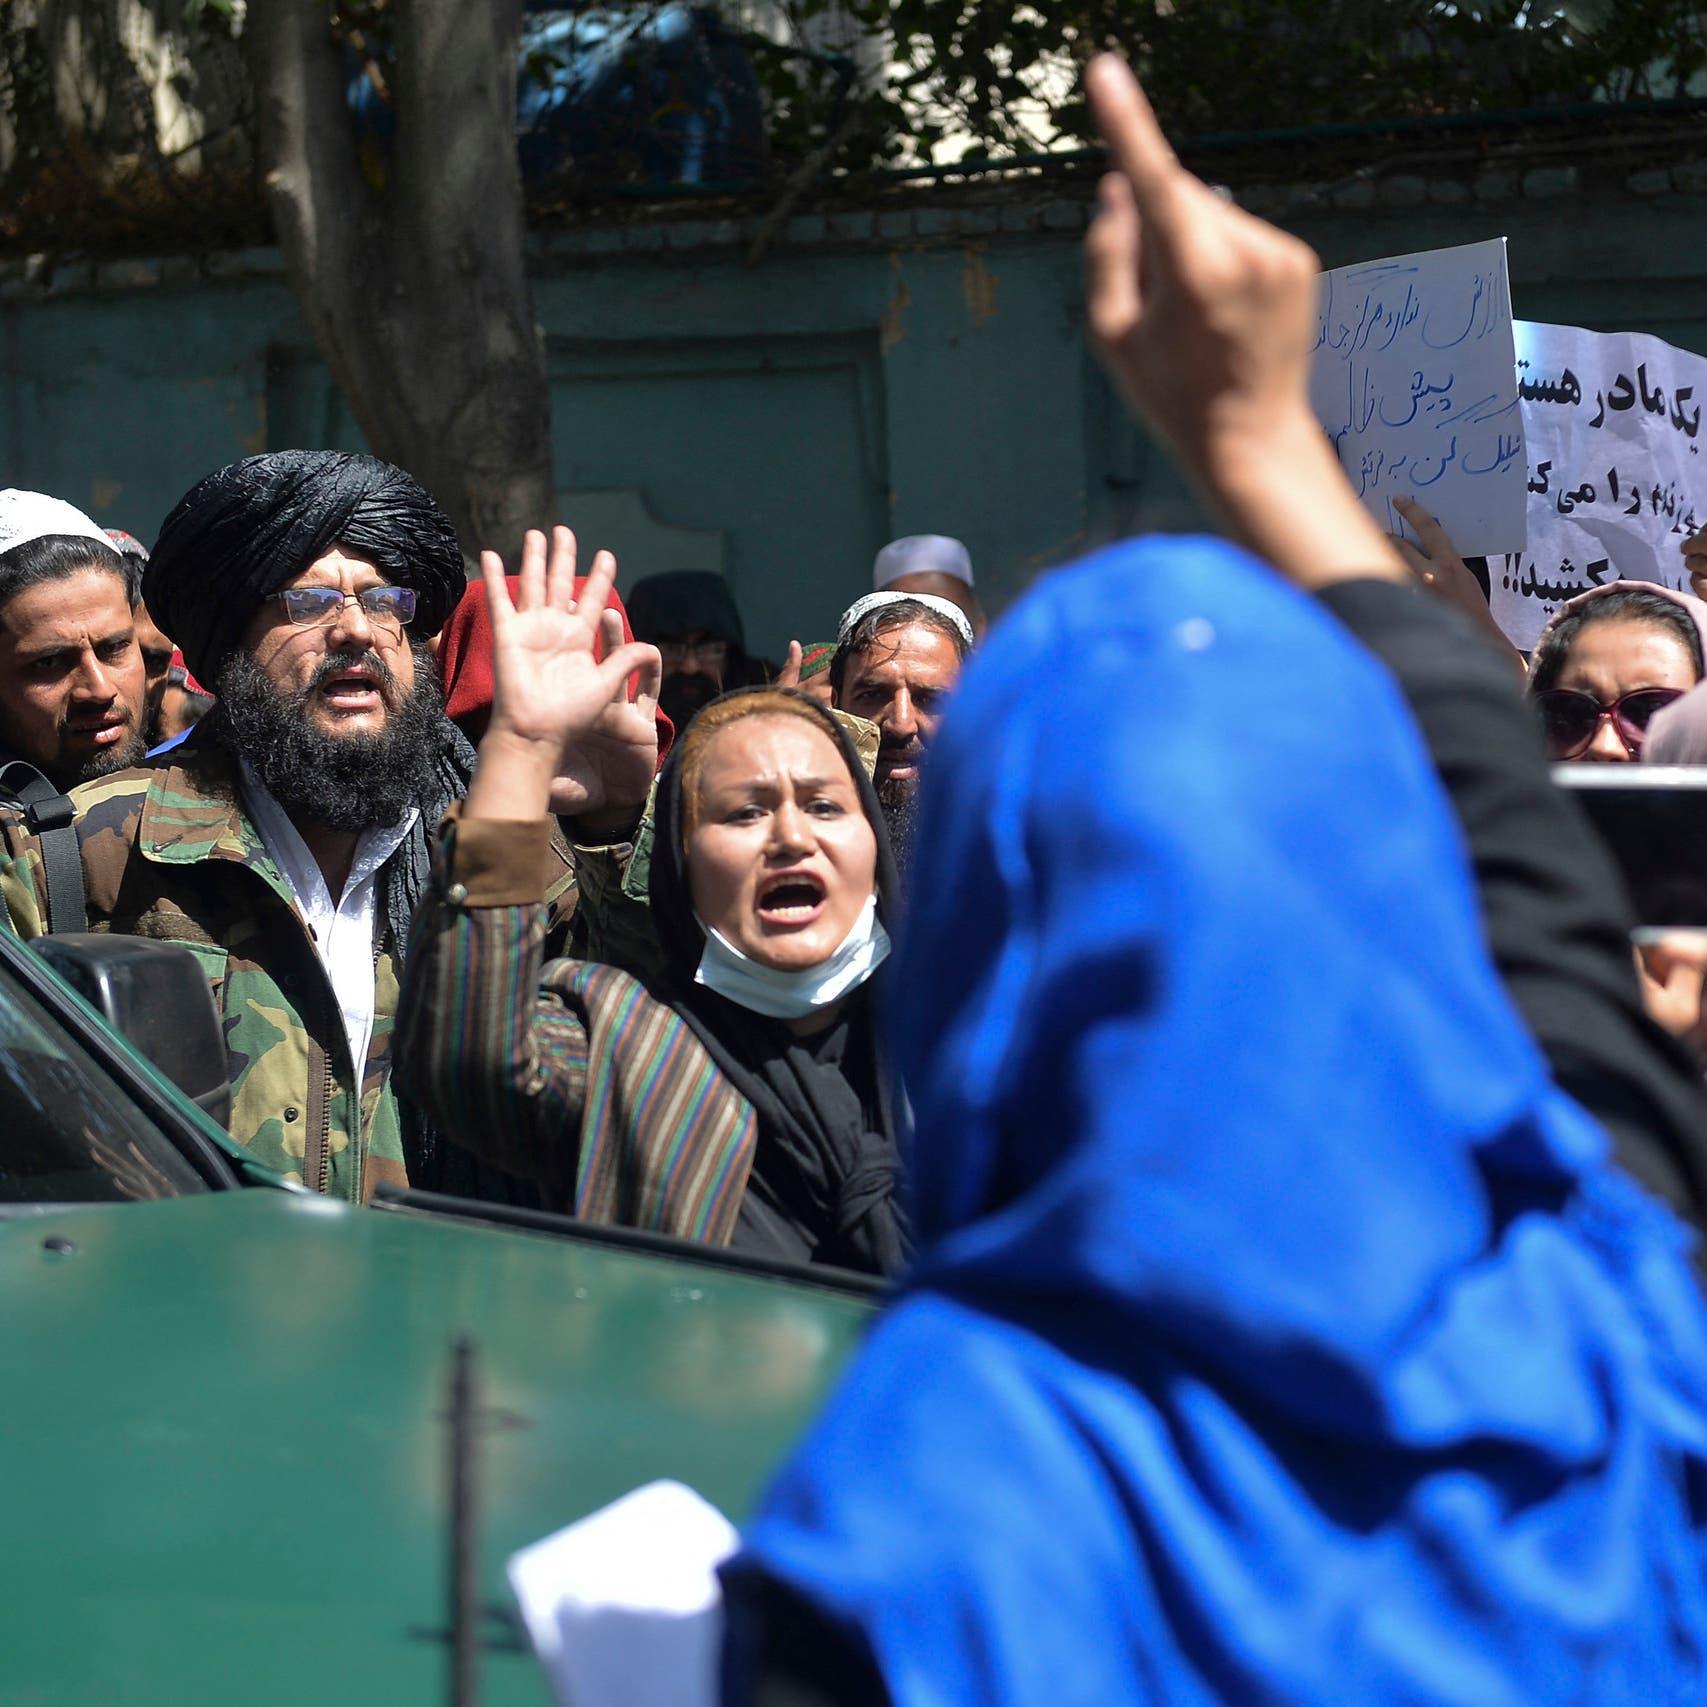 طالبان تفرق بالرصاص محتجات في كابل.. وتضربهن بالهراوات